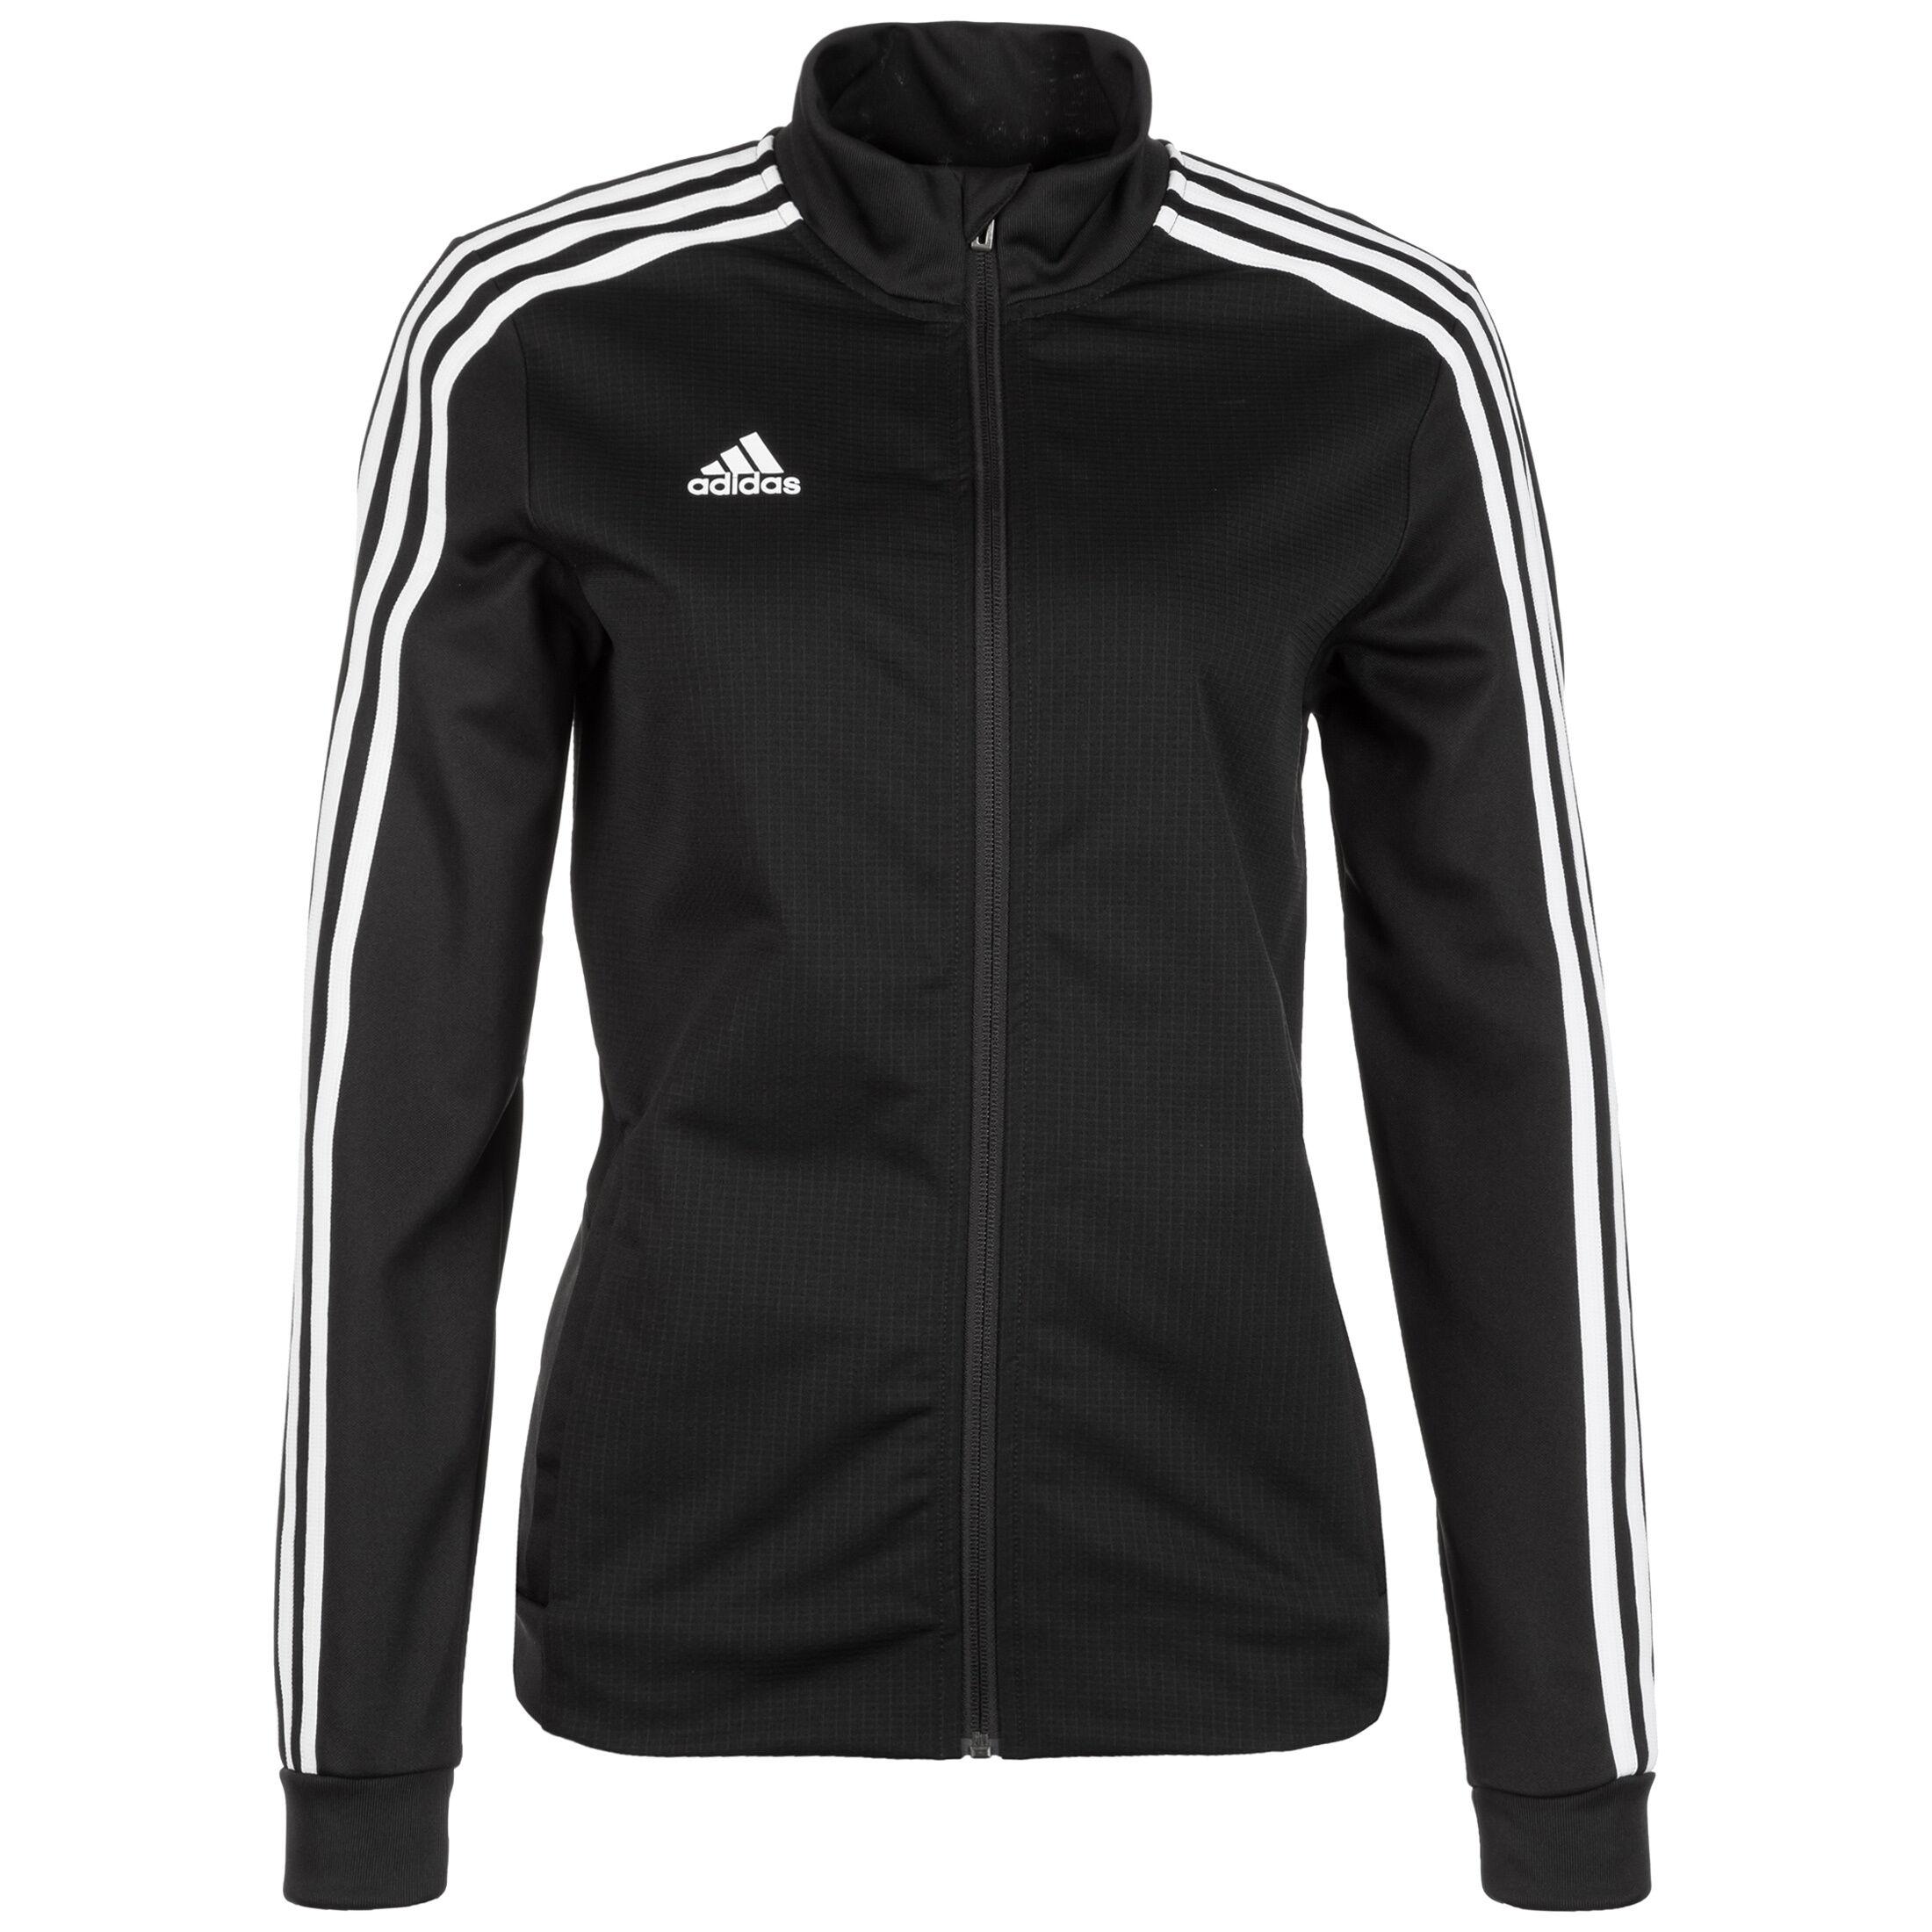 Jacken kaufen adidas Performance   Fußballbekleidung bei